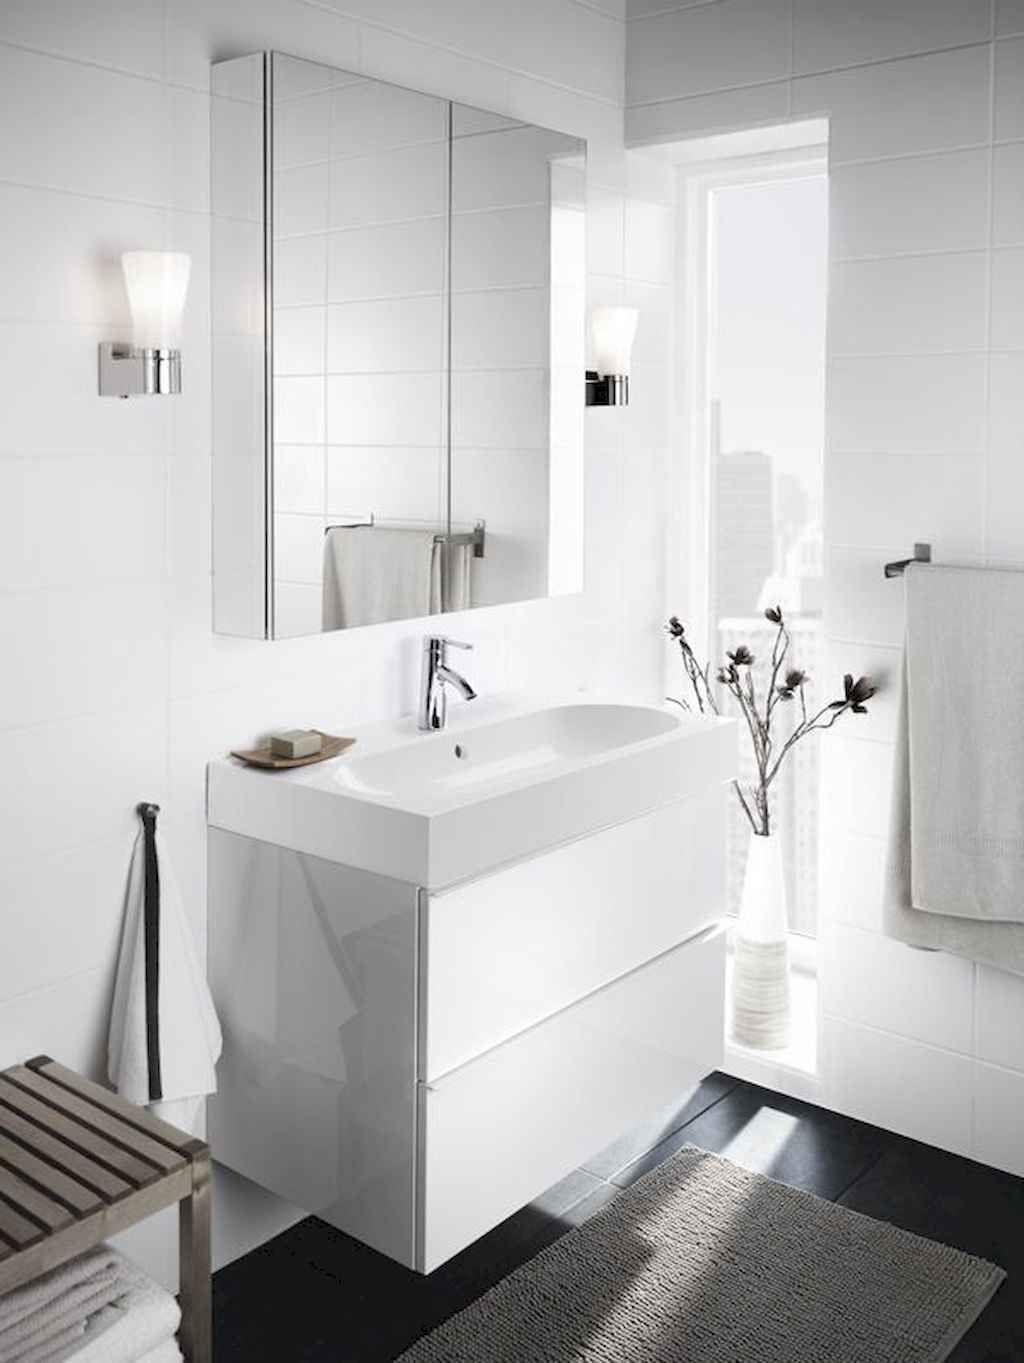 Mirrored Bathroom Cabinets Ikea, Ikea Mirror Bathroom